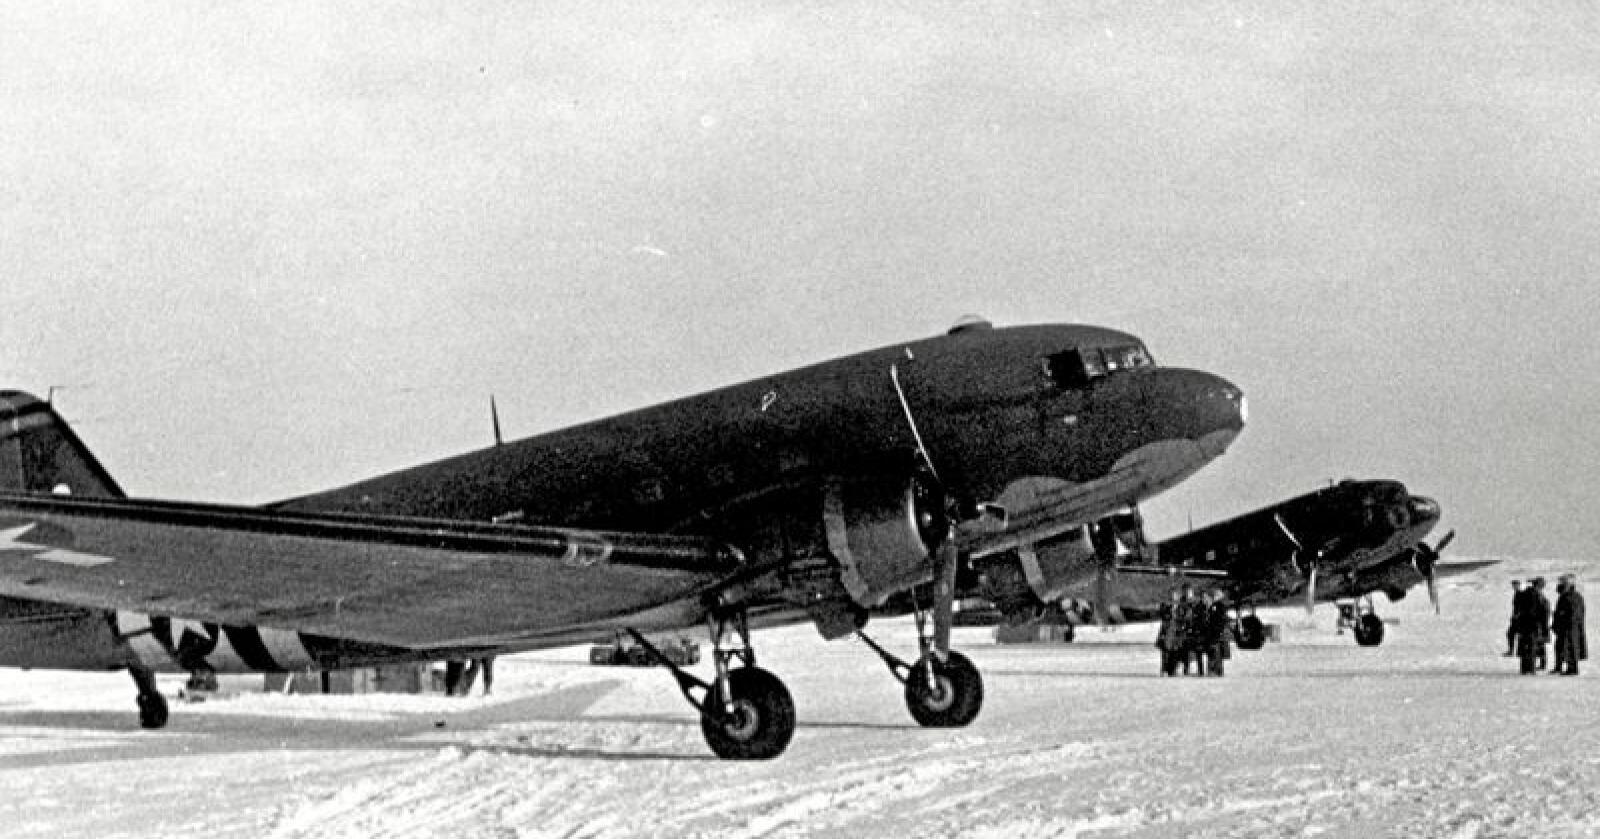 Burde hjulpet: Amerikanske Dakota-fly landet på Høybuktmoen vinteren 1945. Både flyplassen på Høybuktmoen og havna i Kirkenes kunne da benyttes til overføring av tropper og forsyninger for å hjelpe tusener av flyktninger i fjellområdene i tysk-okkuperte områder. Men det skjedde ikke. Foto: Hjemmefrontmuseet.